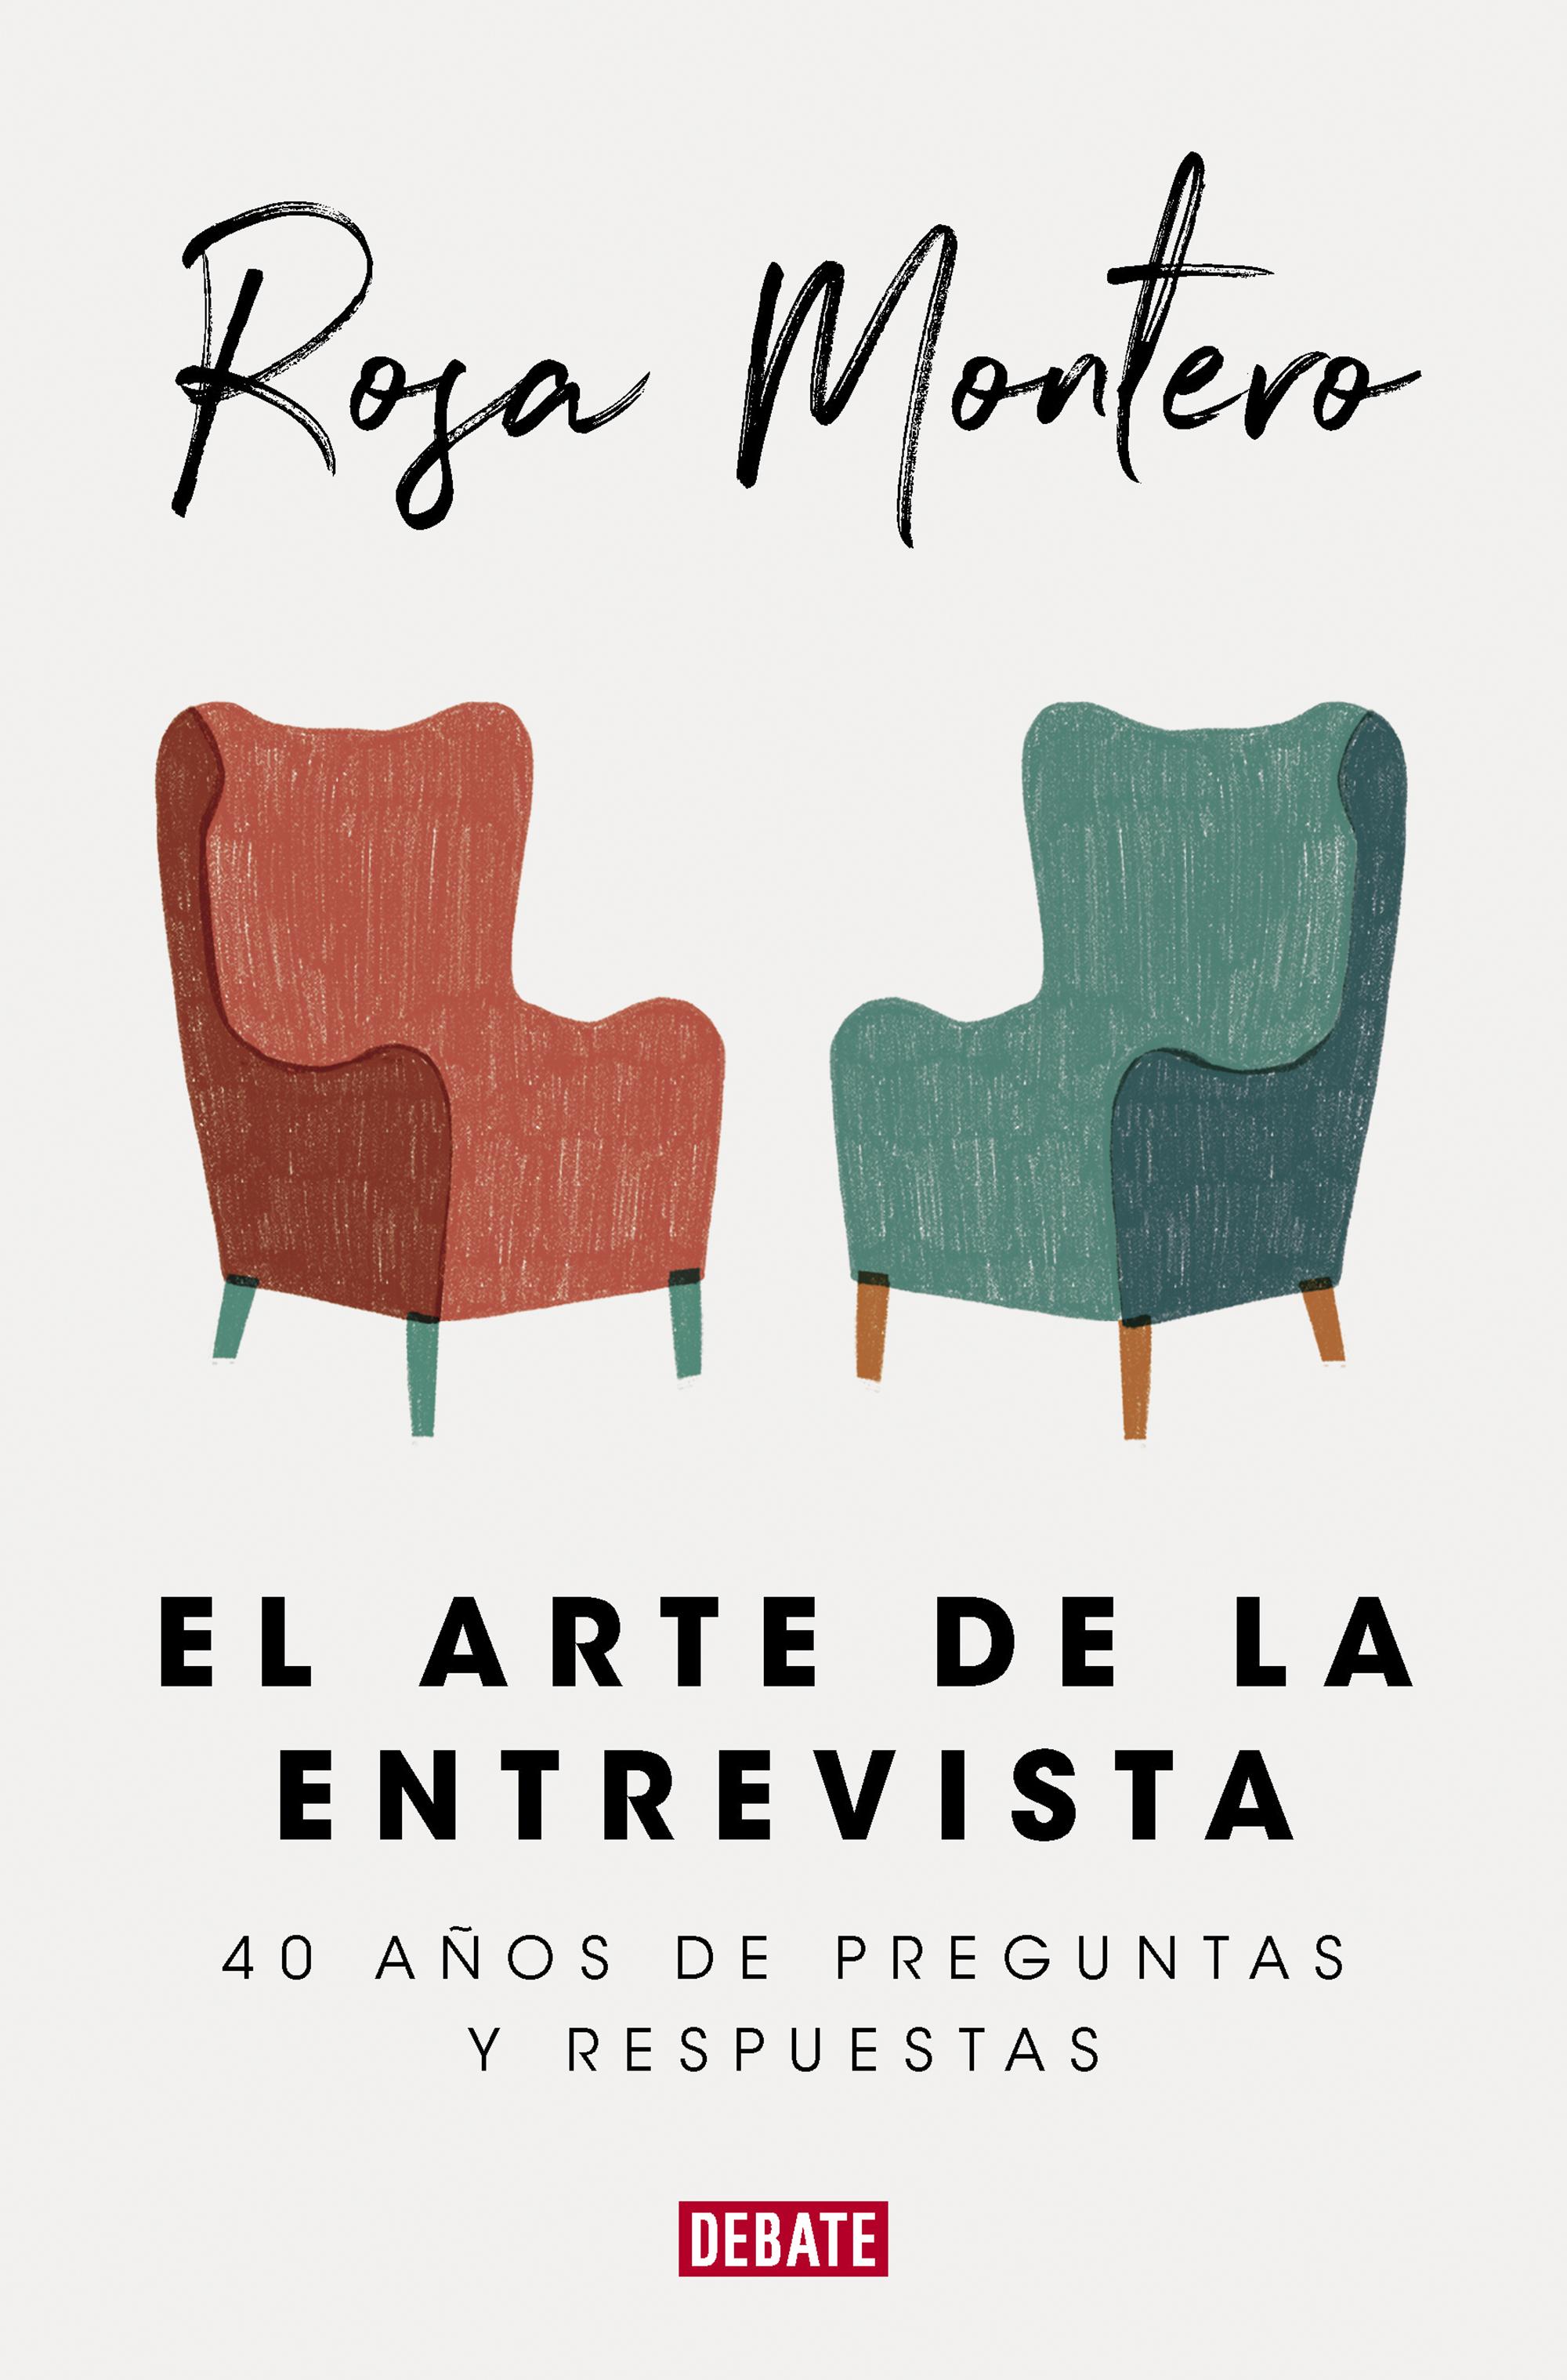 EL ARTE DE LA ENTREVISTA